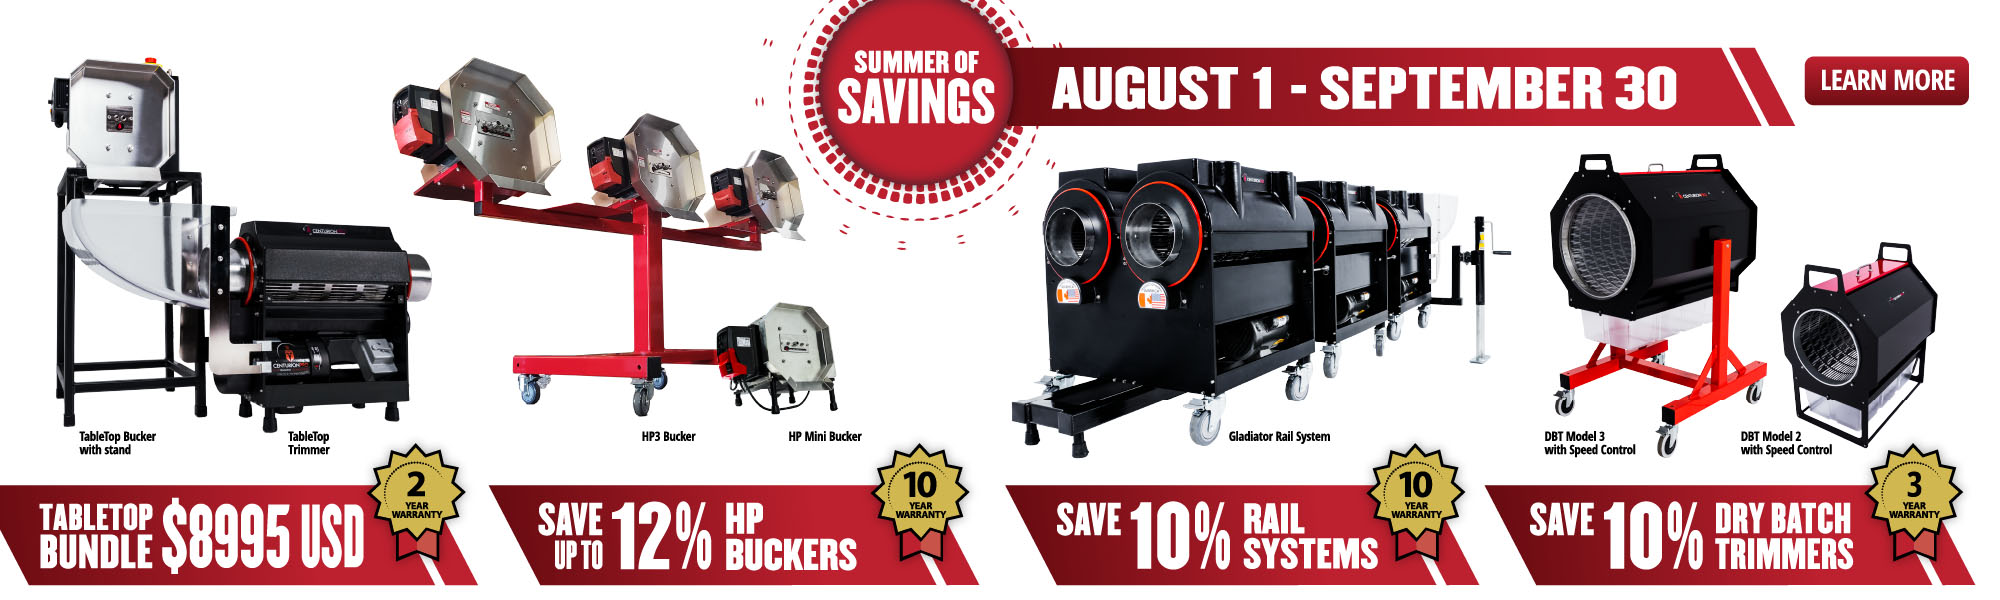 Summer-Savings_Banner_v6_2000x600px